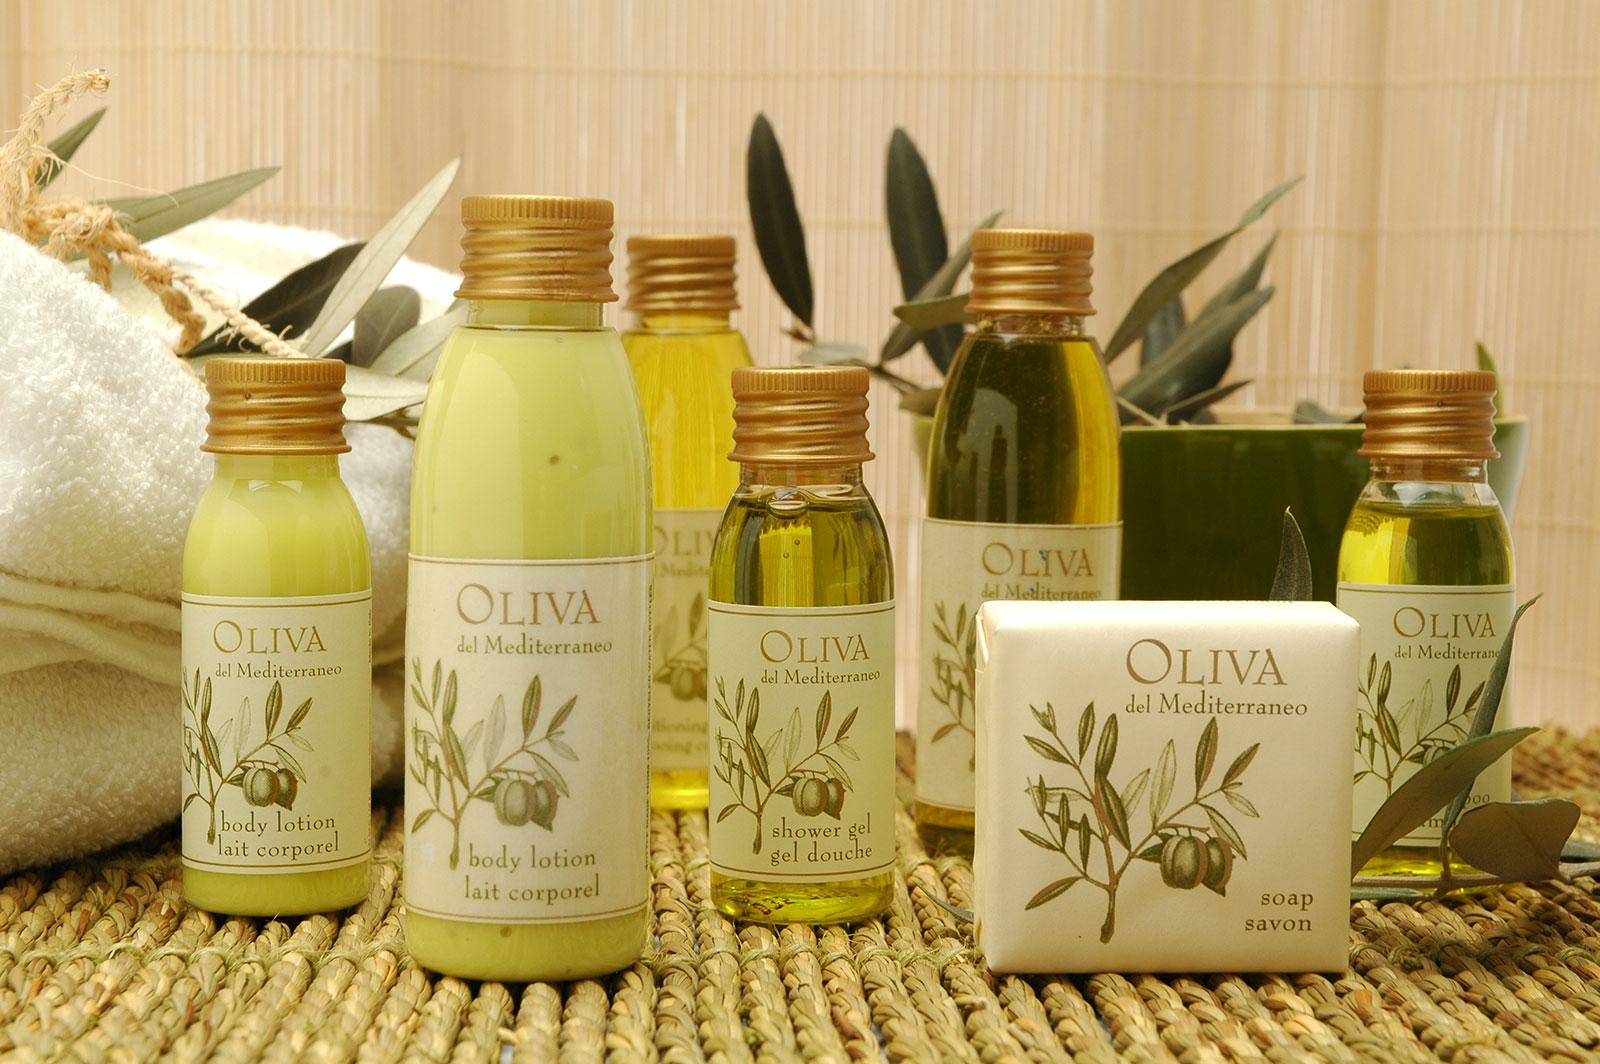 linea-oliva-mediterraneo-amenities-allegrini